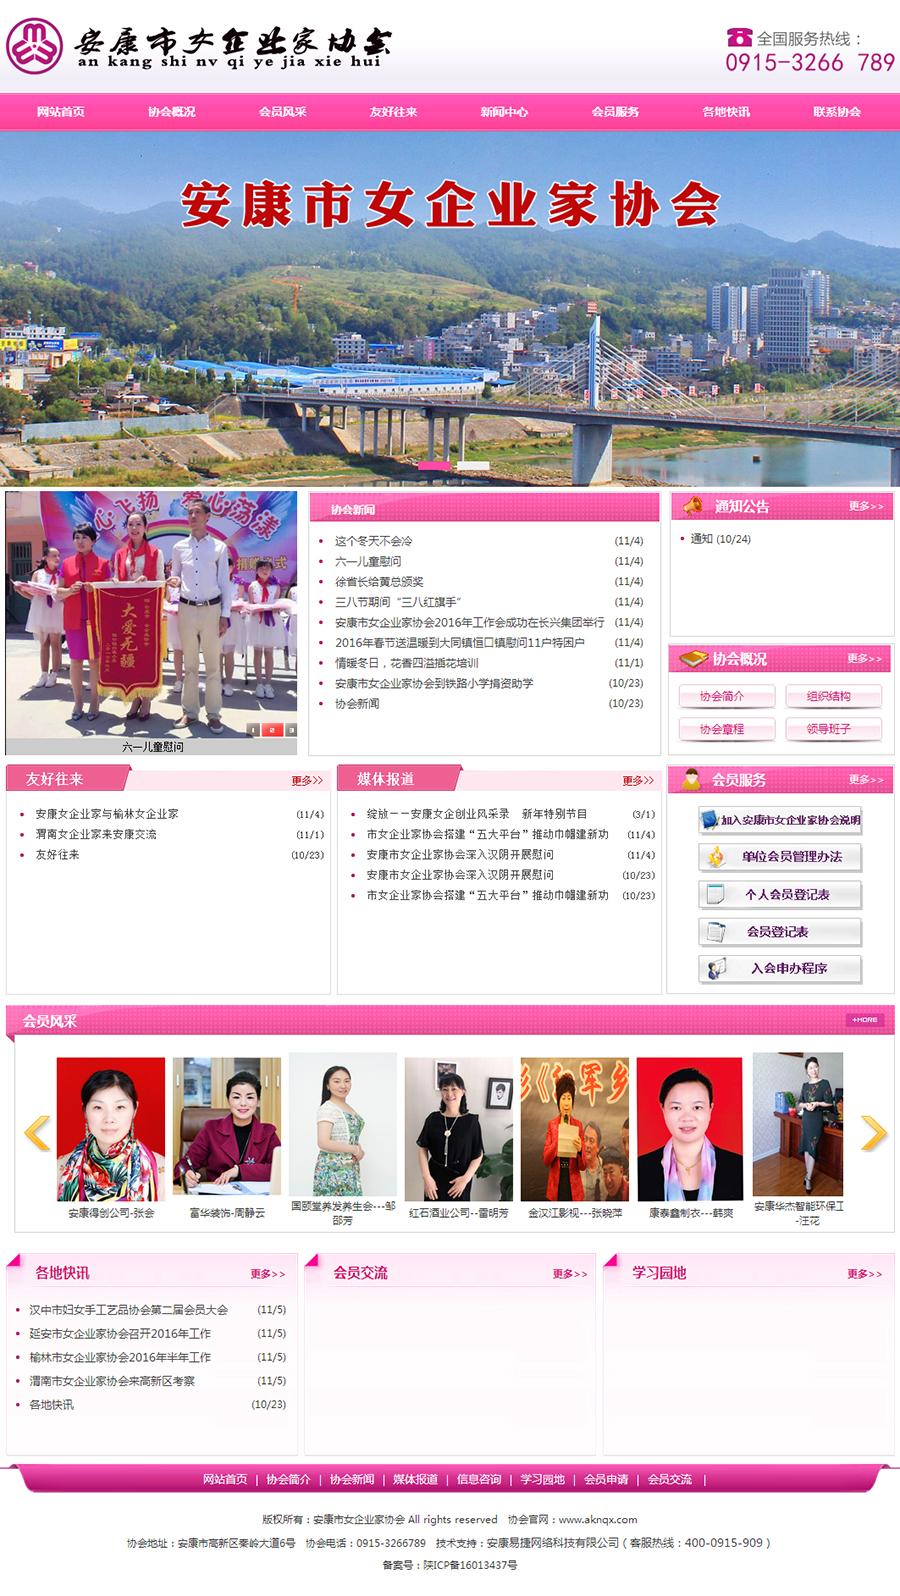 9安康市女企業家協會【官網】.jpg